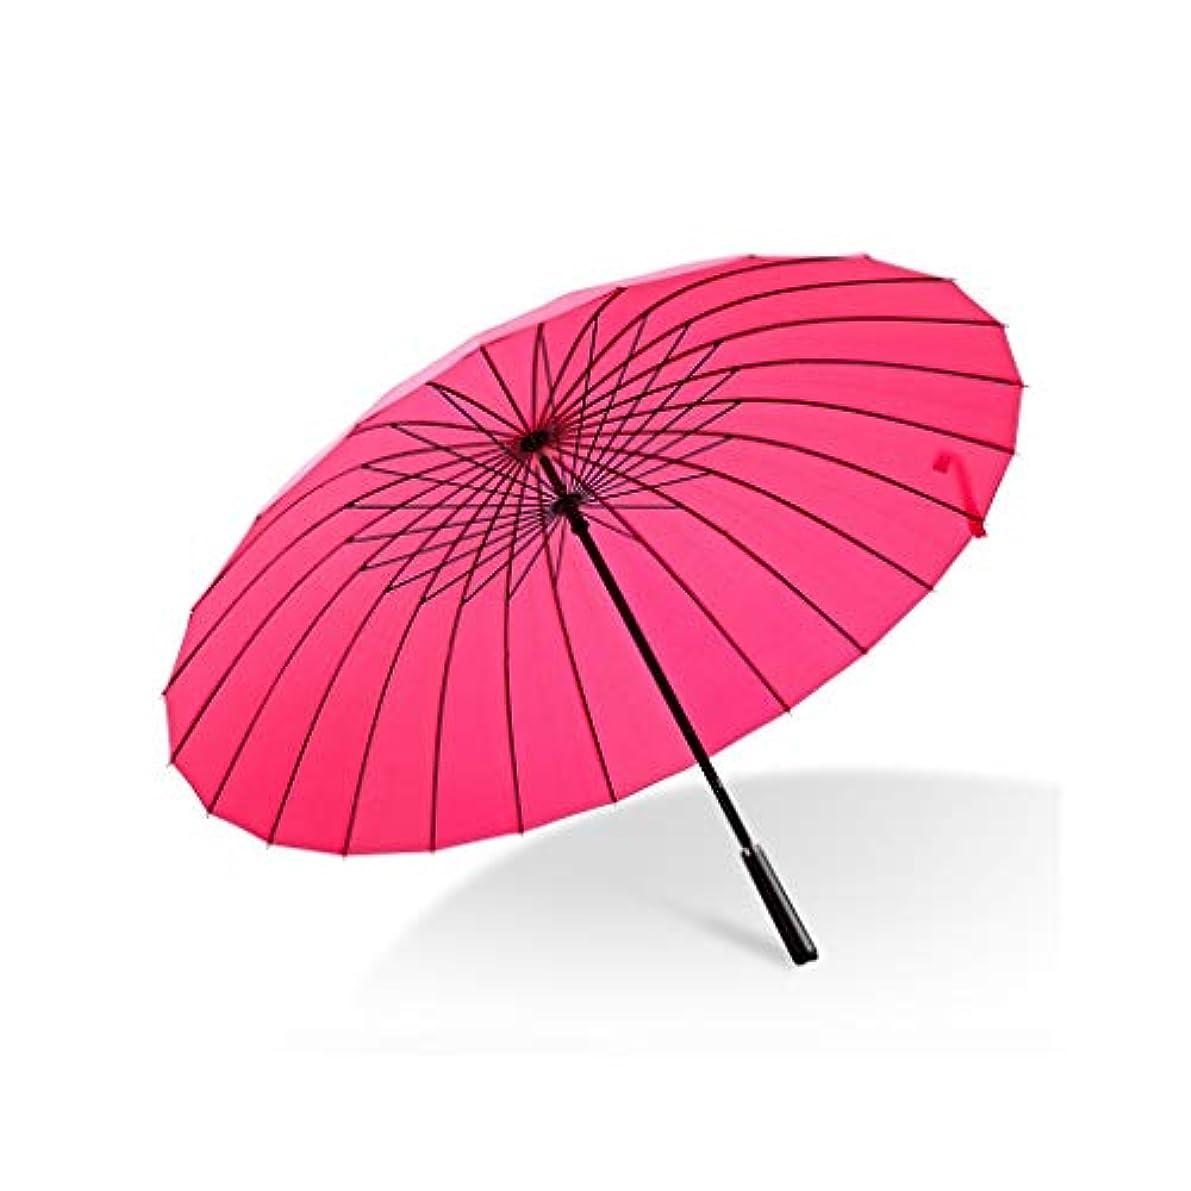 入手します原告位置する男性と女性のための日傘傘UV傘家庭用傘折りたたみ屋外専用の小さくて便利な日よけ日焼け止め防水日傘(黒) (色 : ピンク)